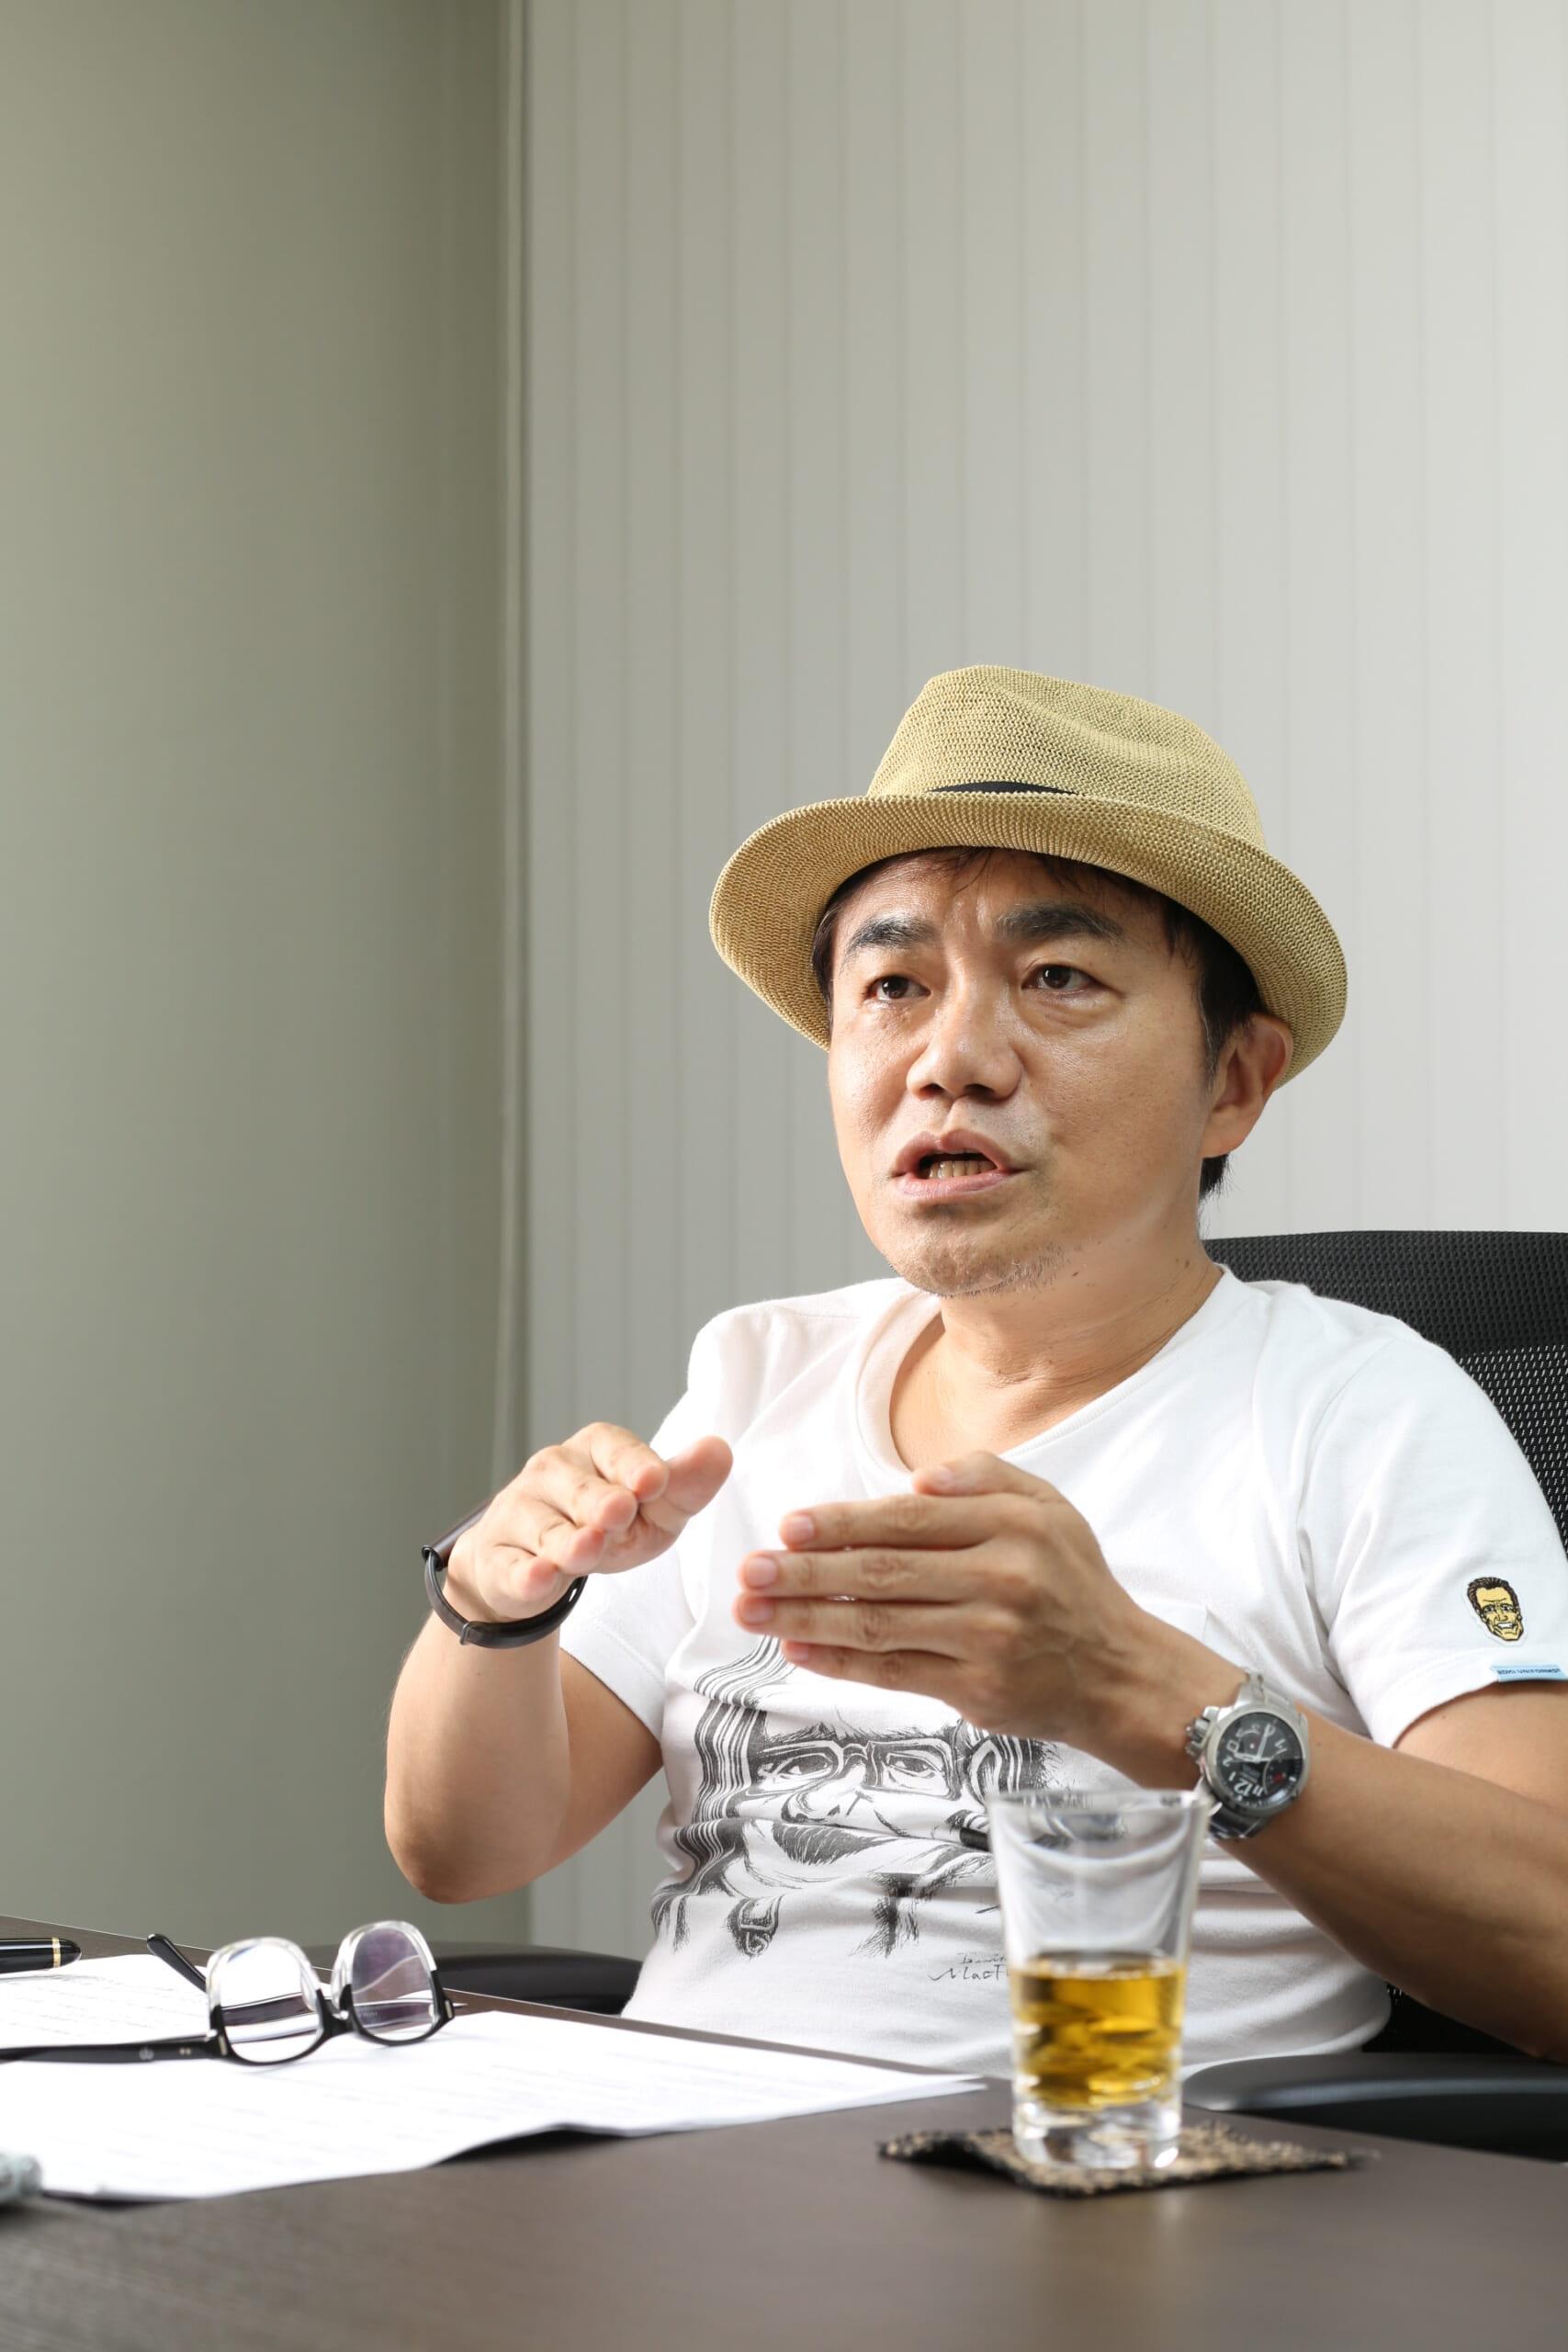 水道橋博士 「映画見ましたか?」「見てない」安倍首相と言い合いの過去